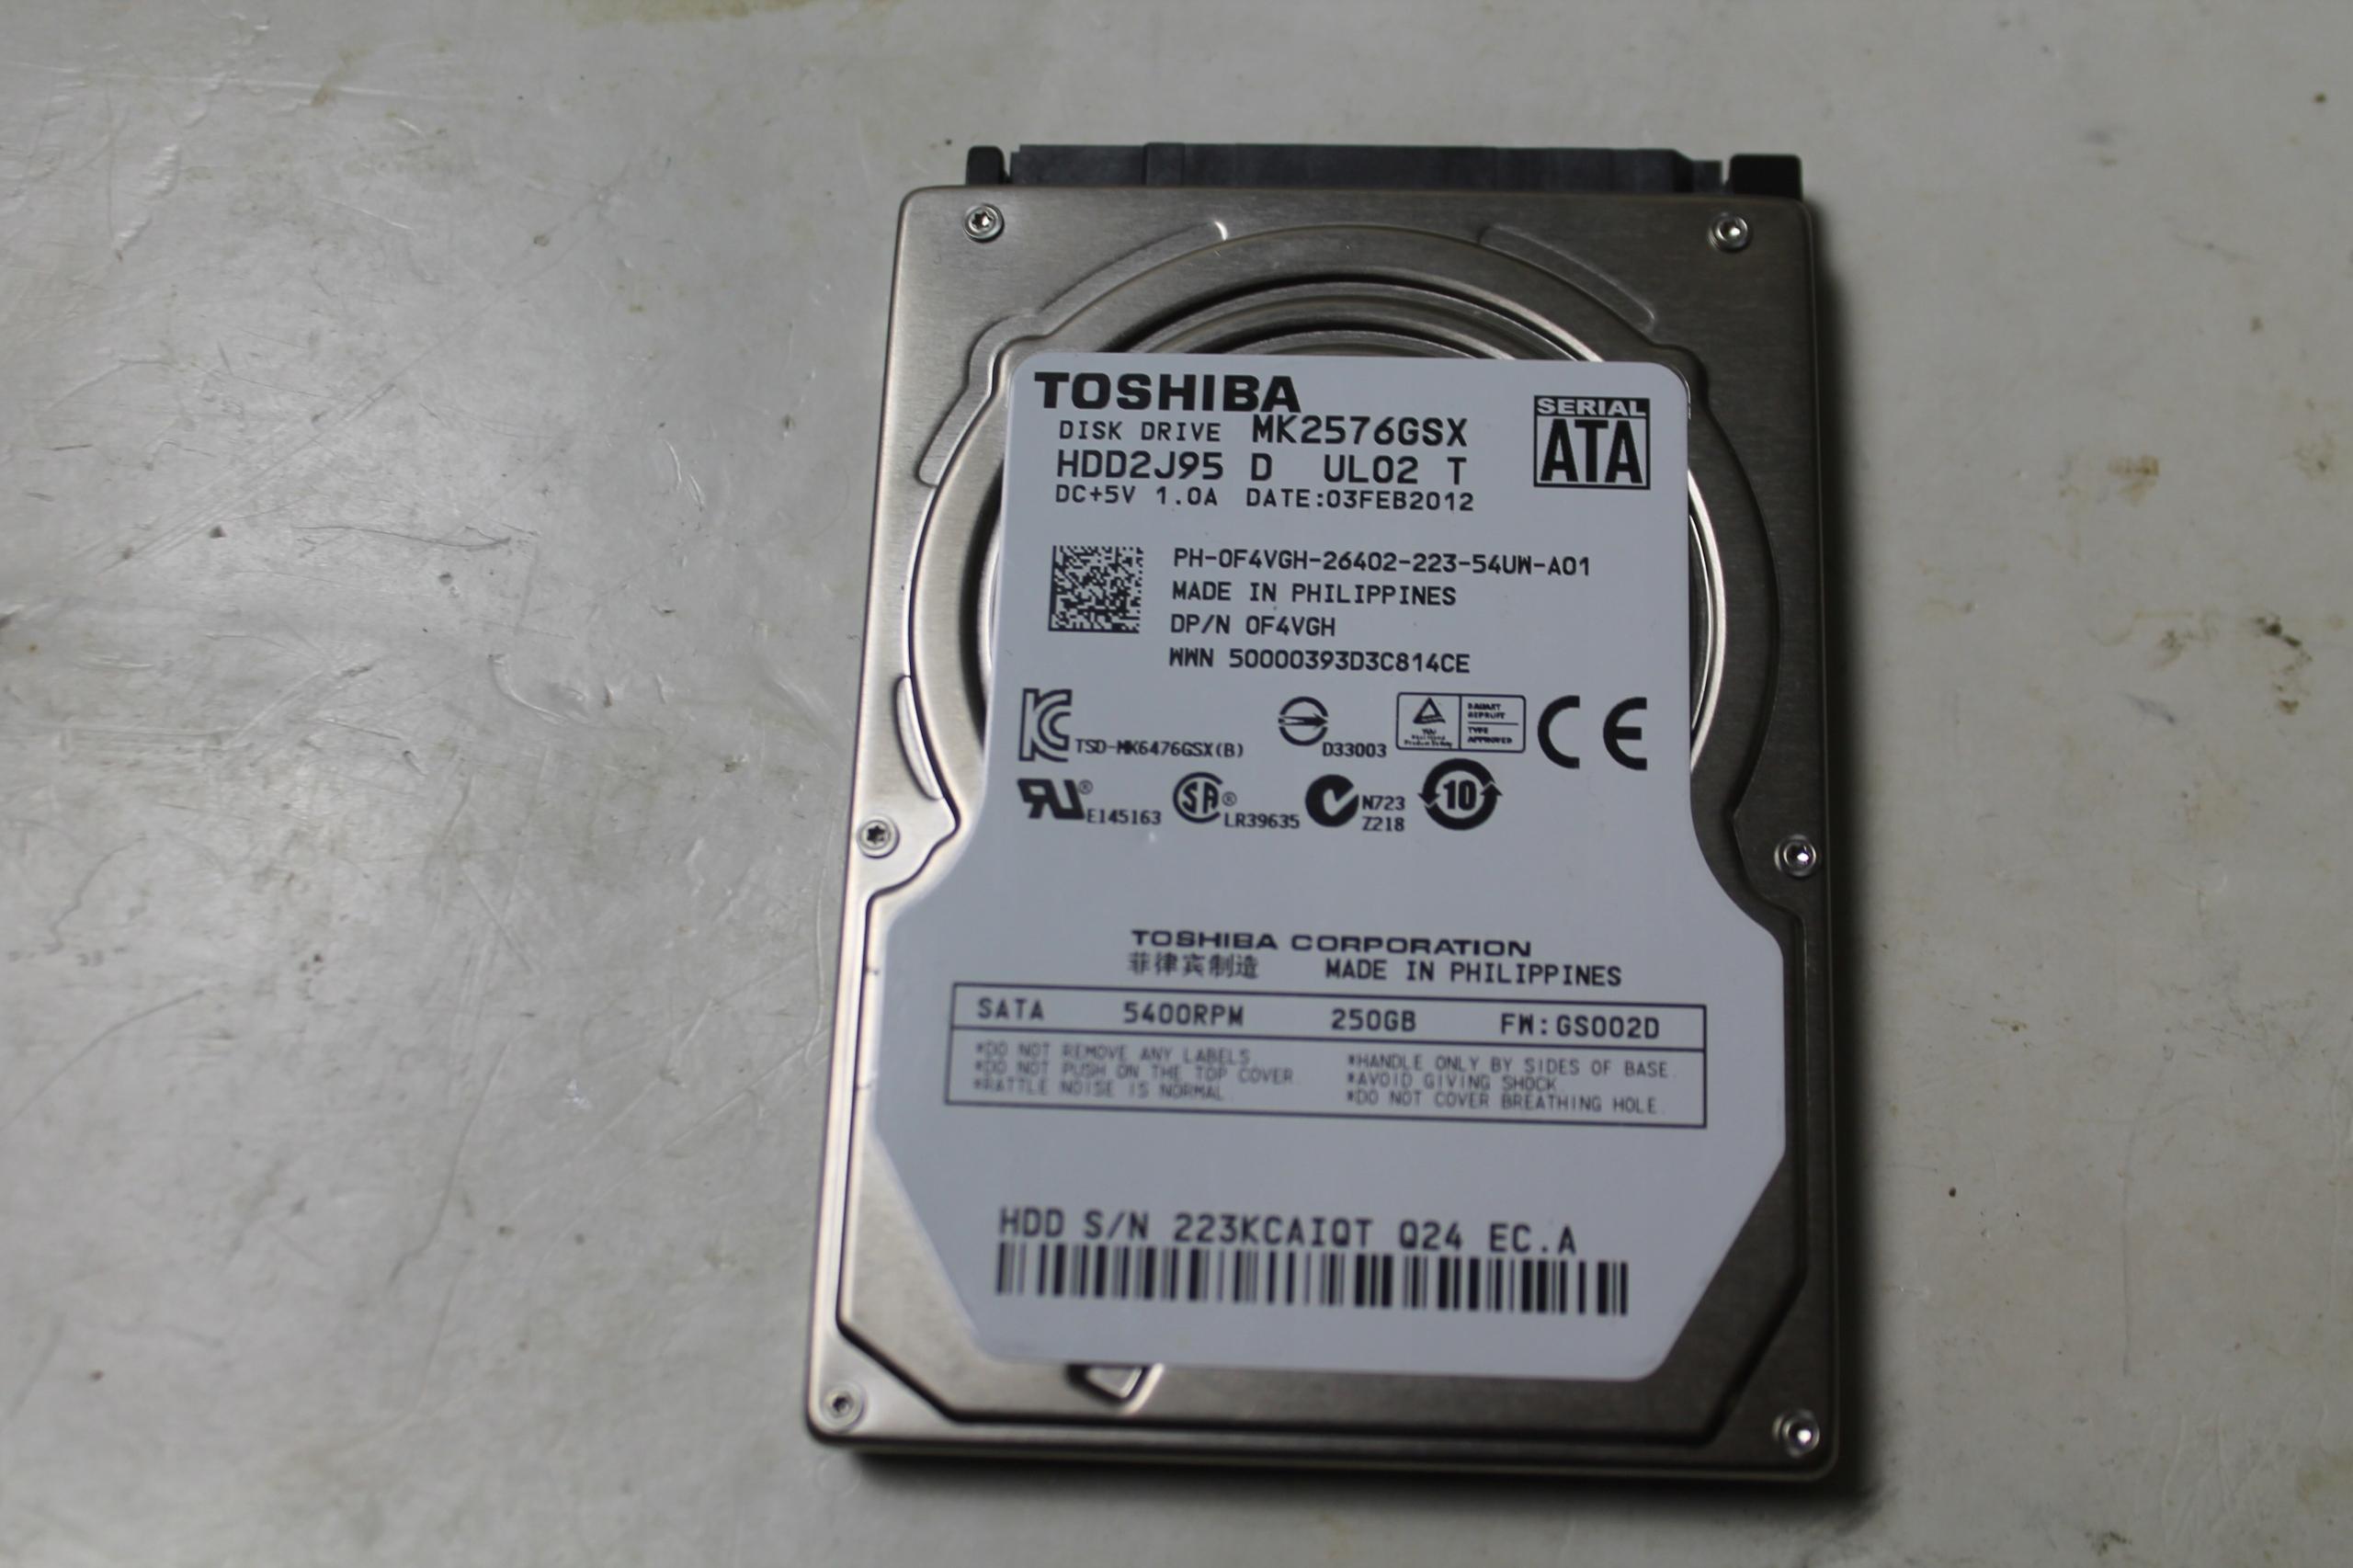 Toshiba 250GB 5400RPM